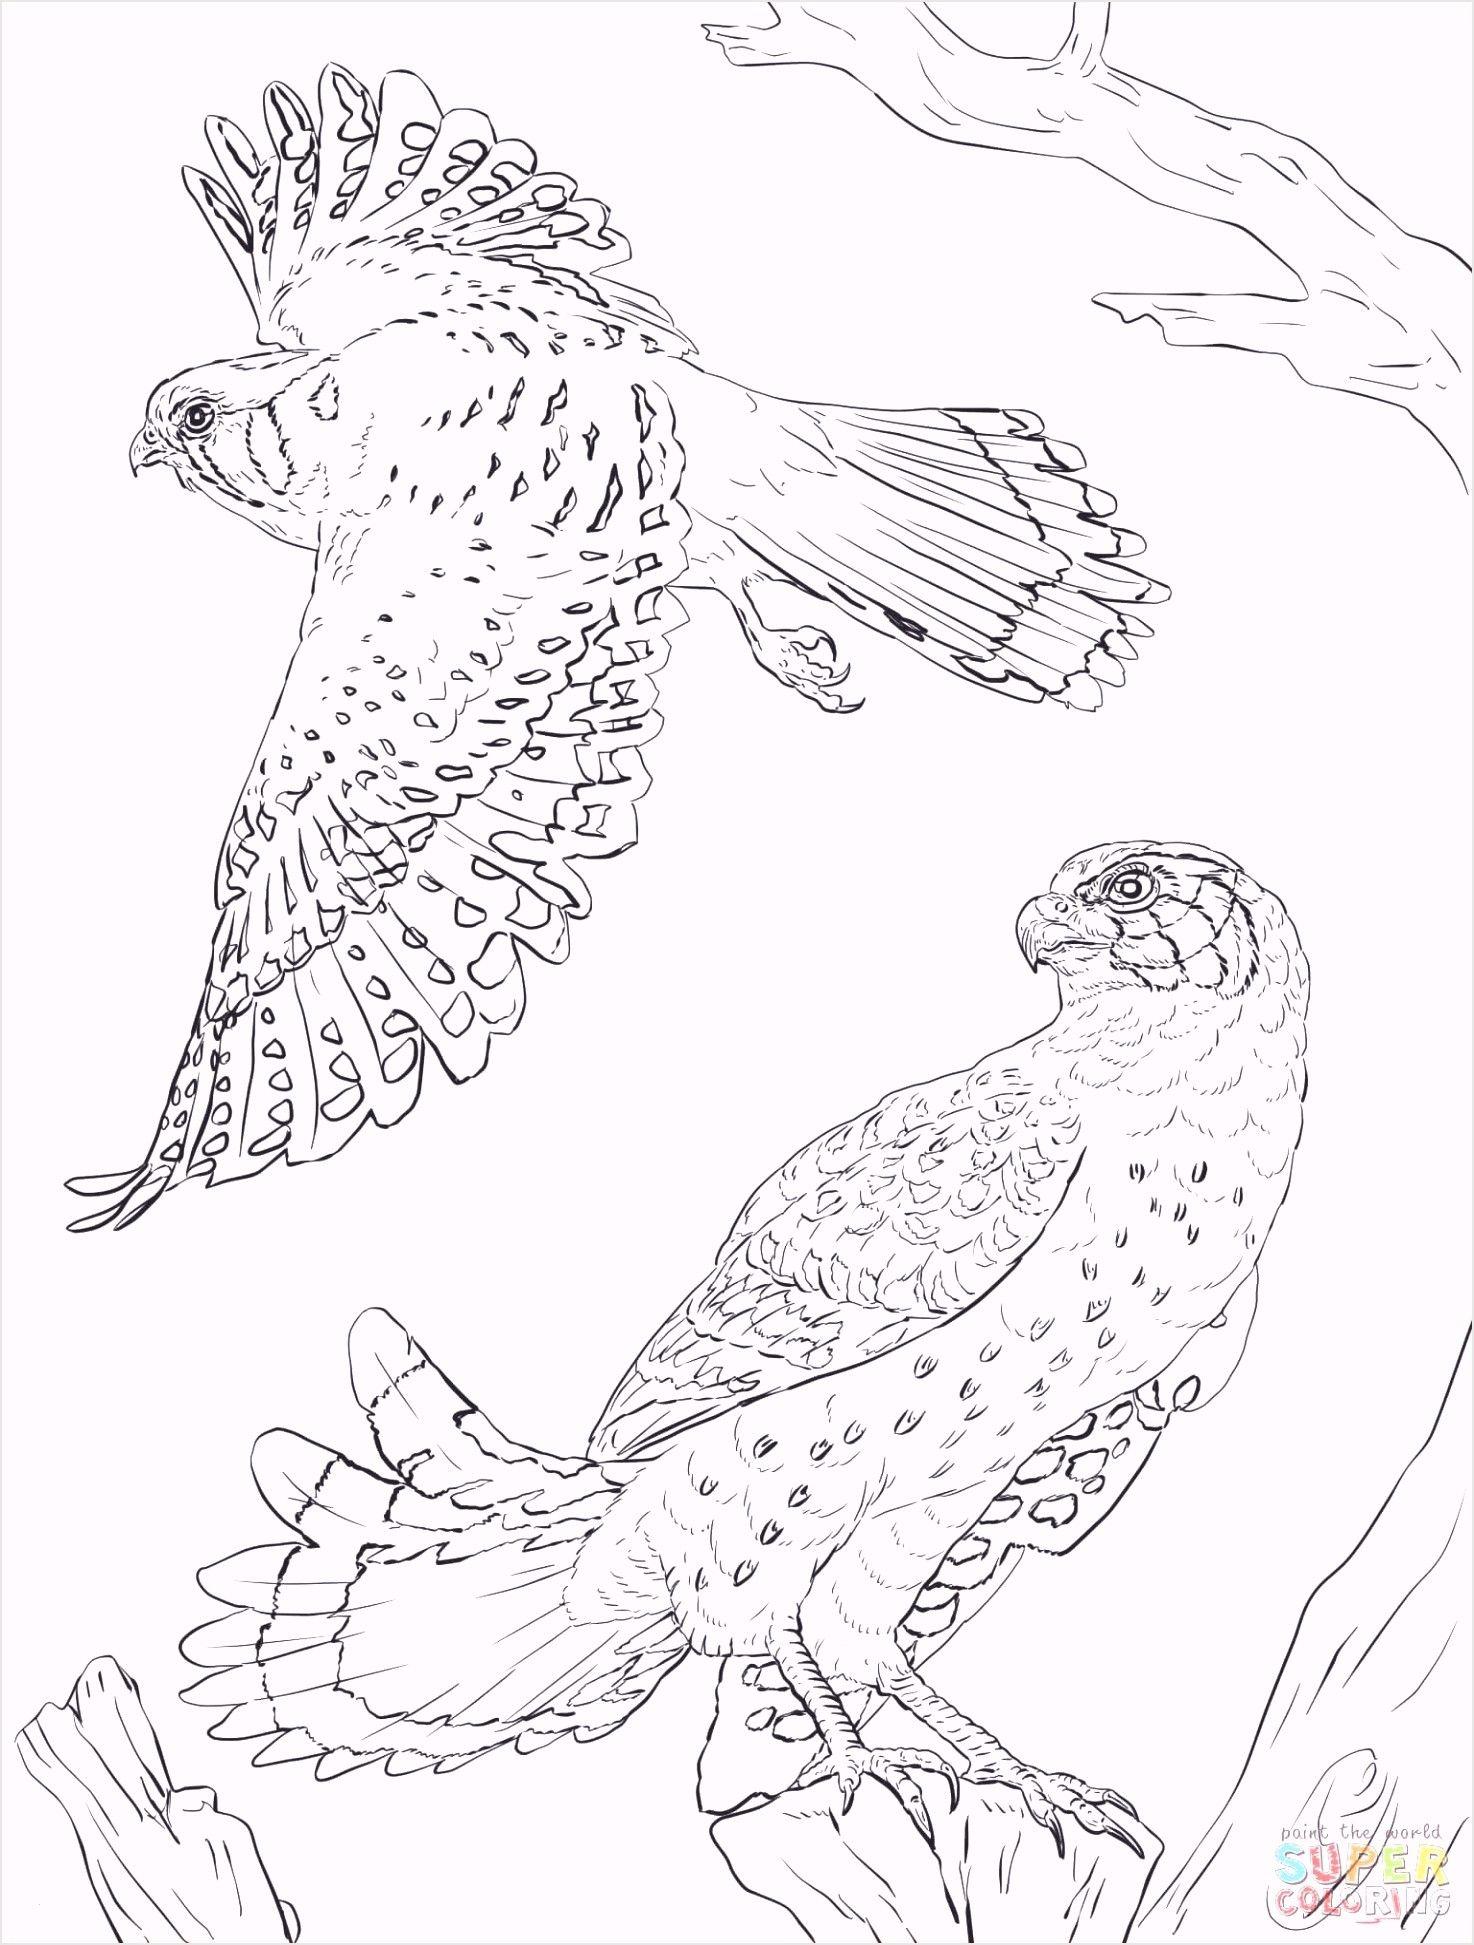 Frisch Malvorlagen Tiere Umrisse Animal Coloring Pages Spring Coloring Pages Coloring Pages